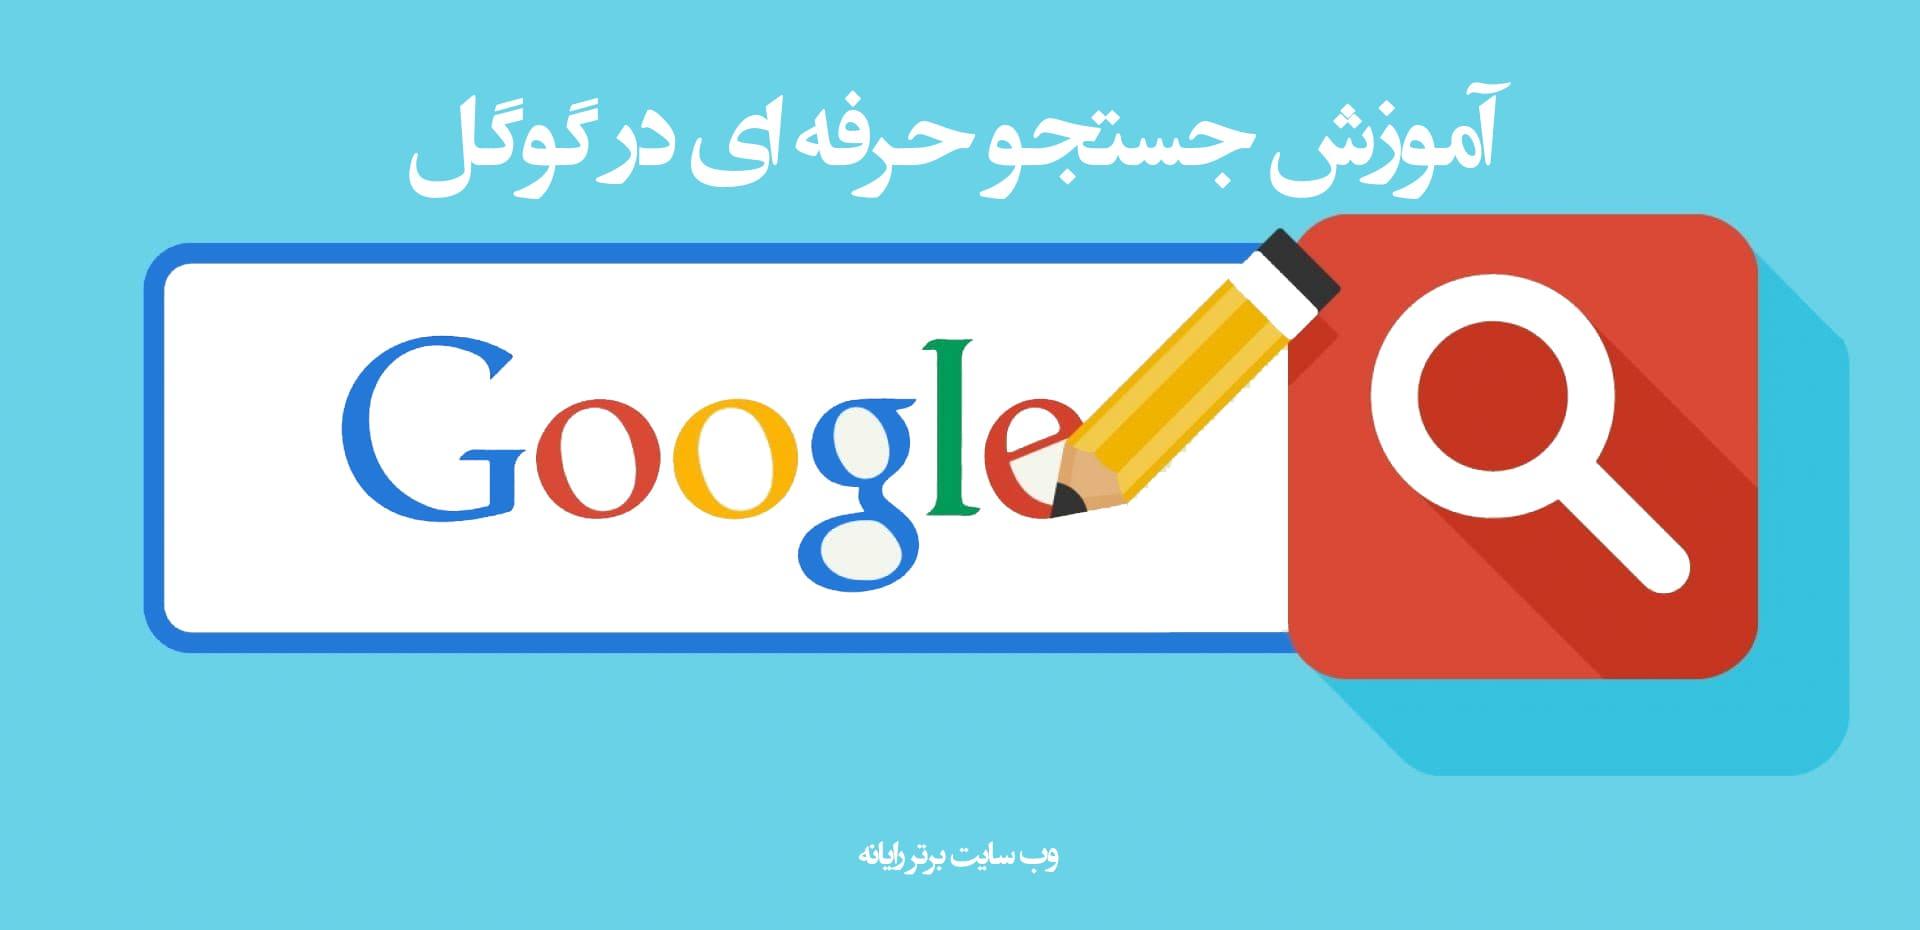 جستجوی حرفه ای در گوگل - آموزش جامع